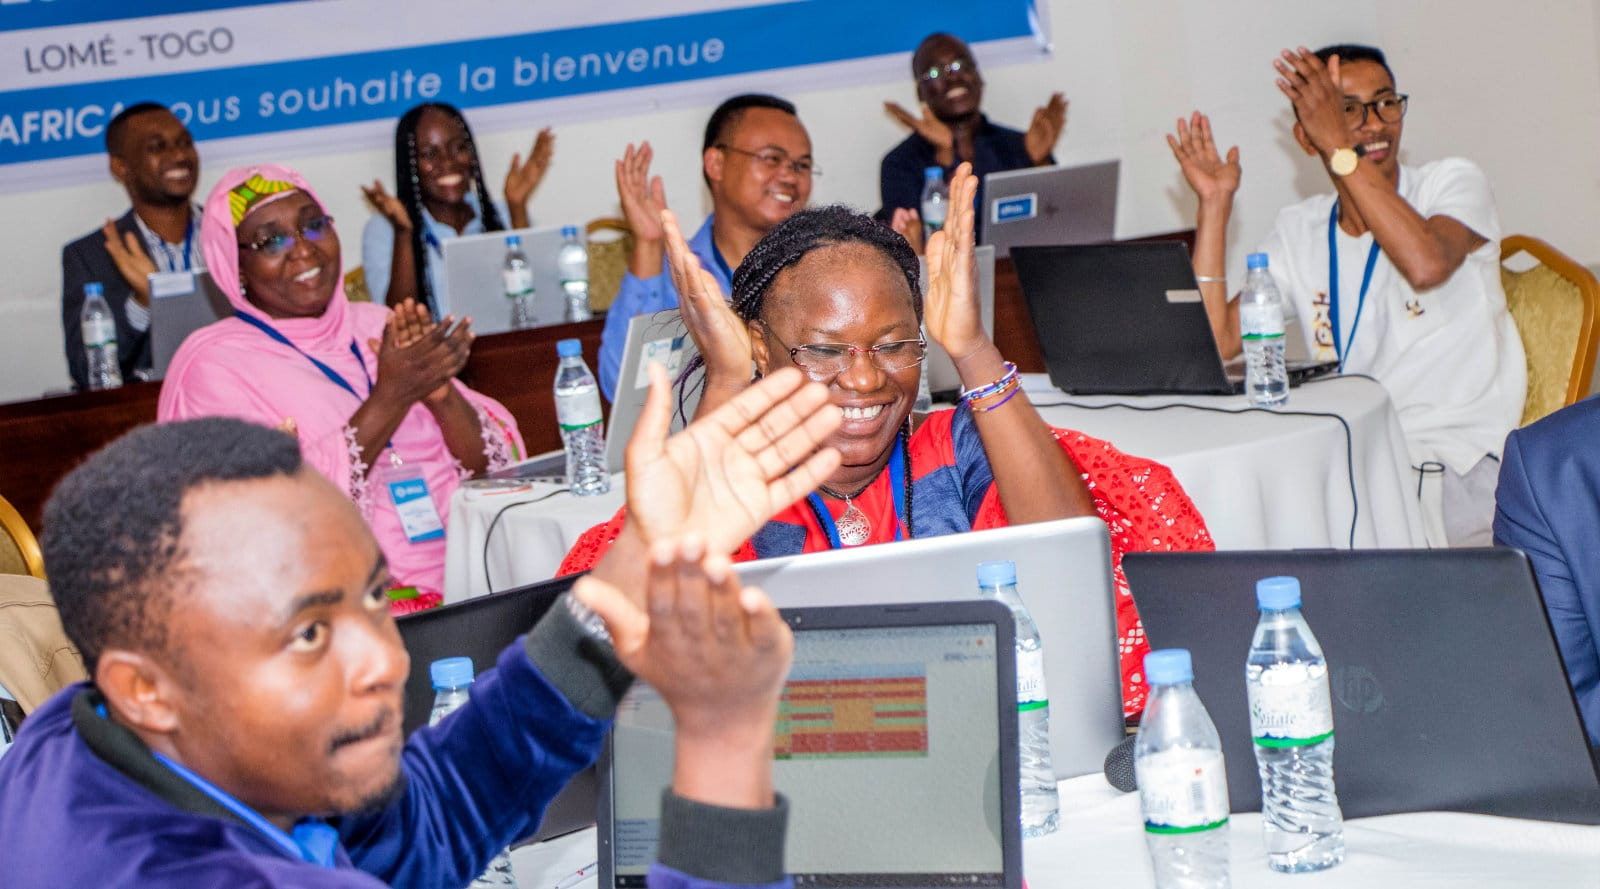 Les membres de la communauté DHIS2 applaudissent une présentation